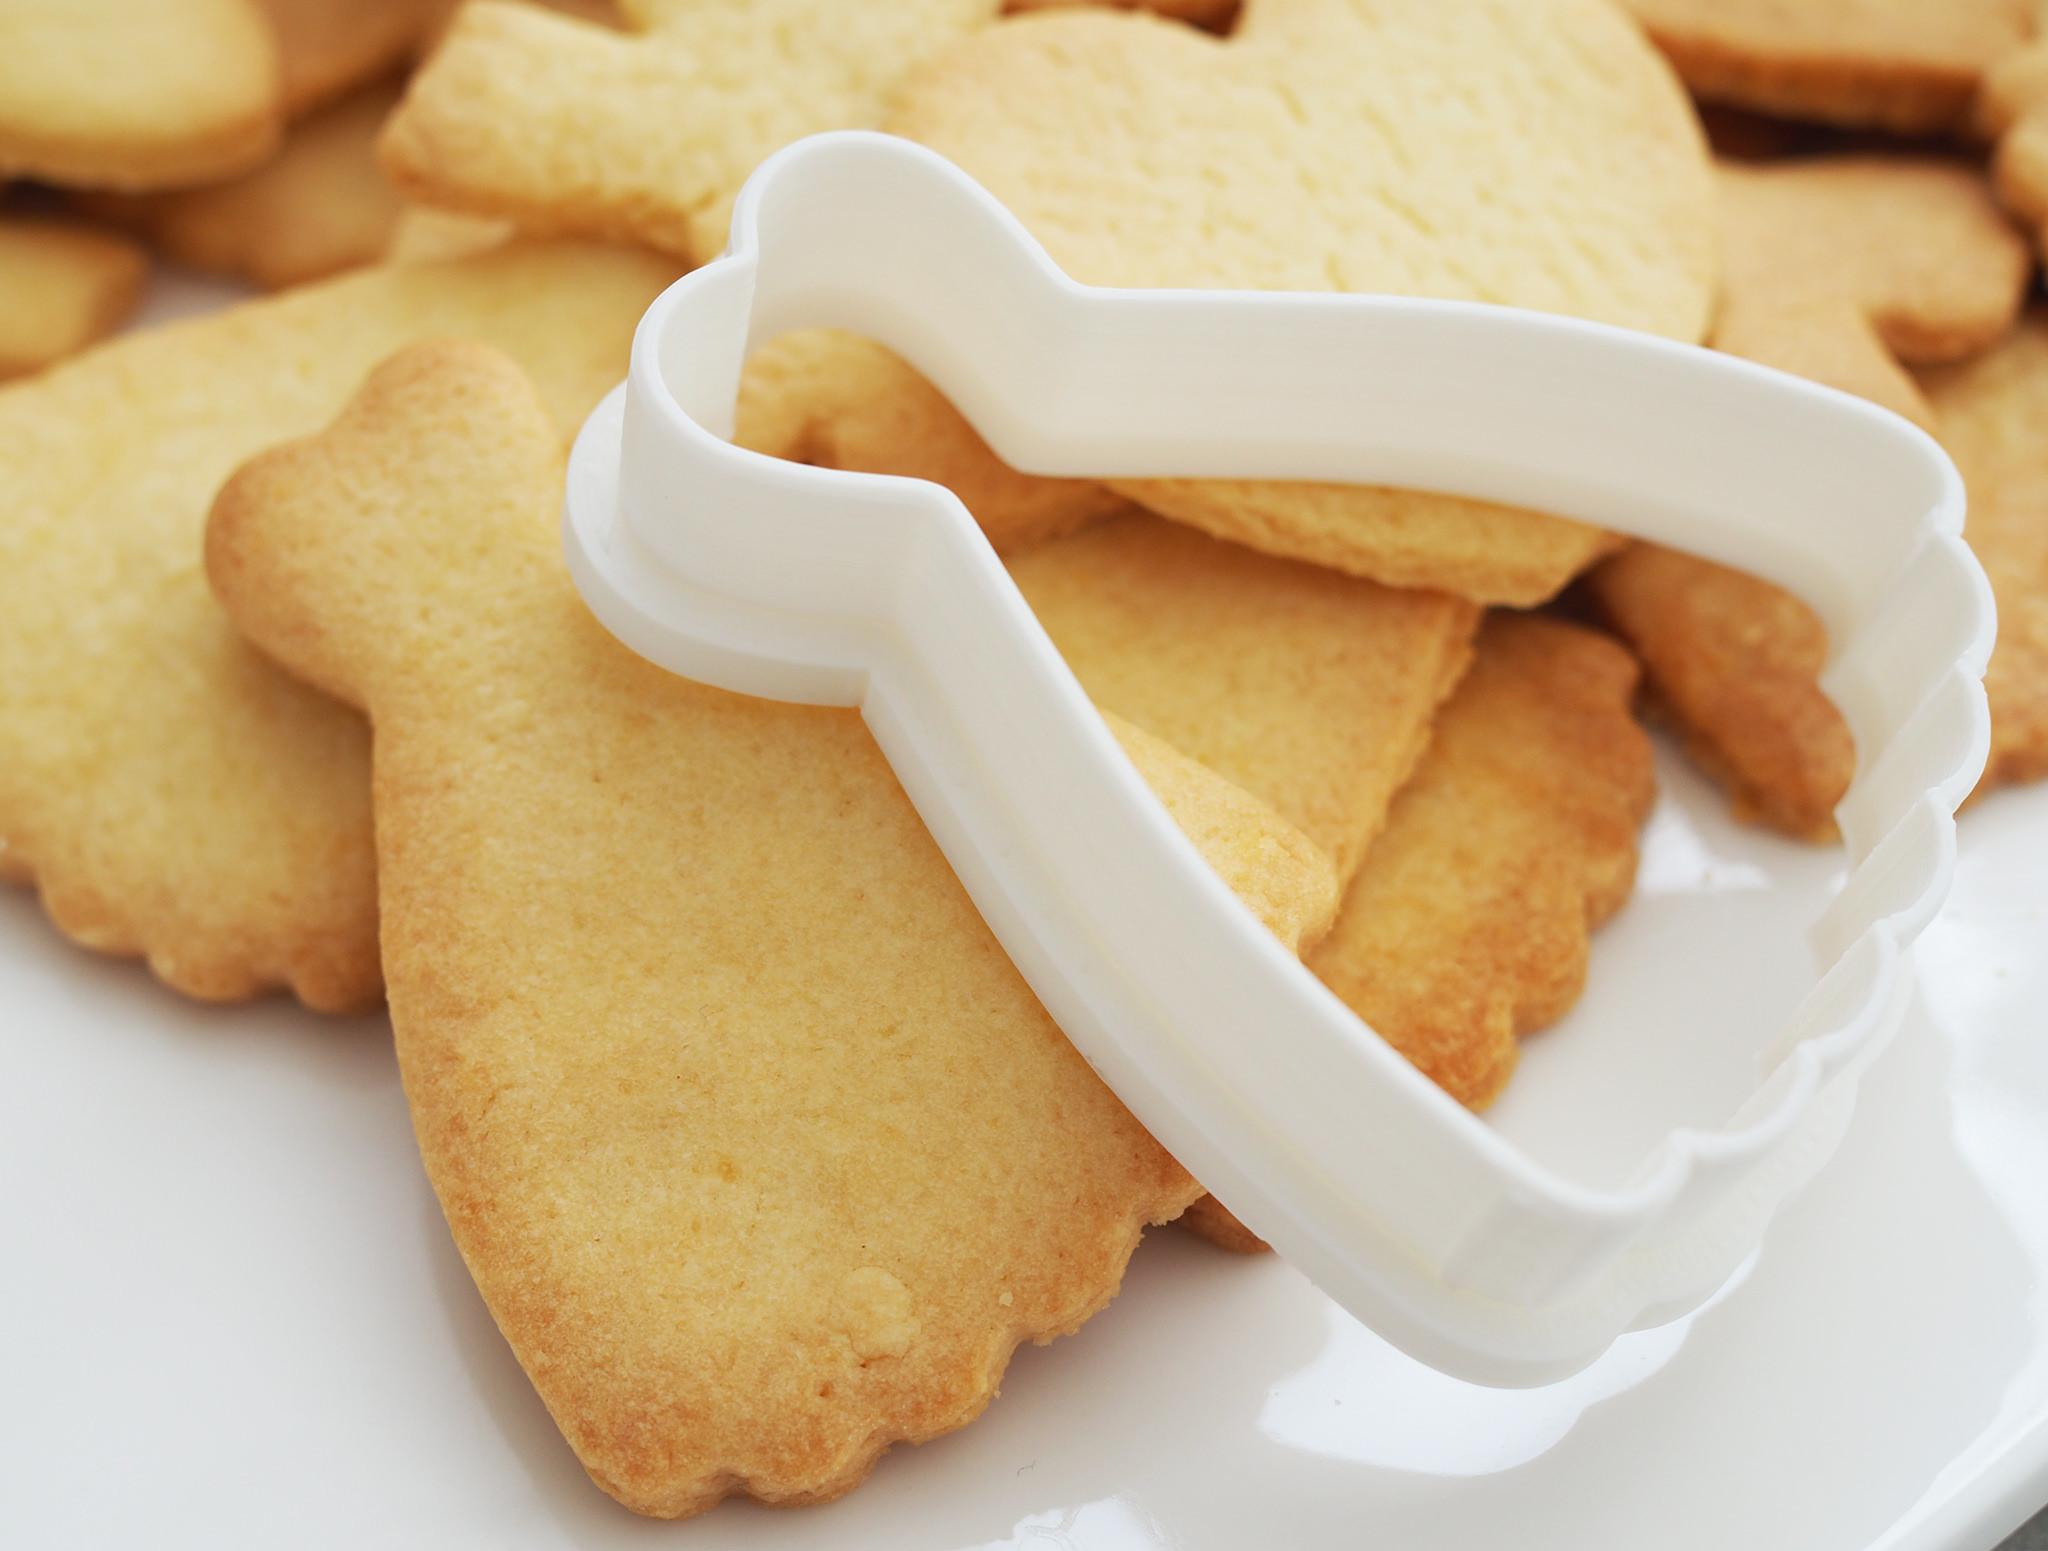 3Dプリンタで造るクッキー抜型に最適な材料は⁉